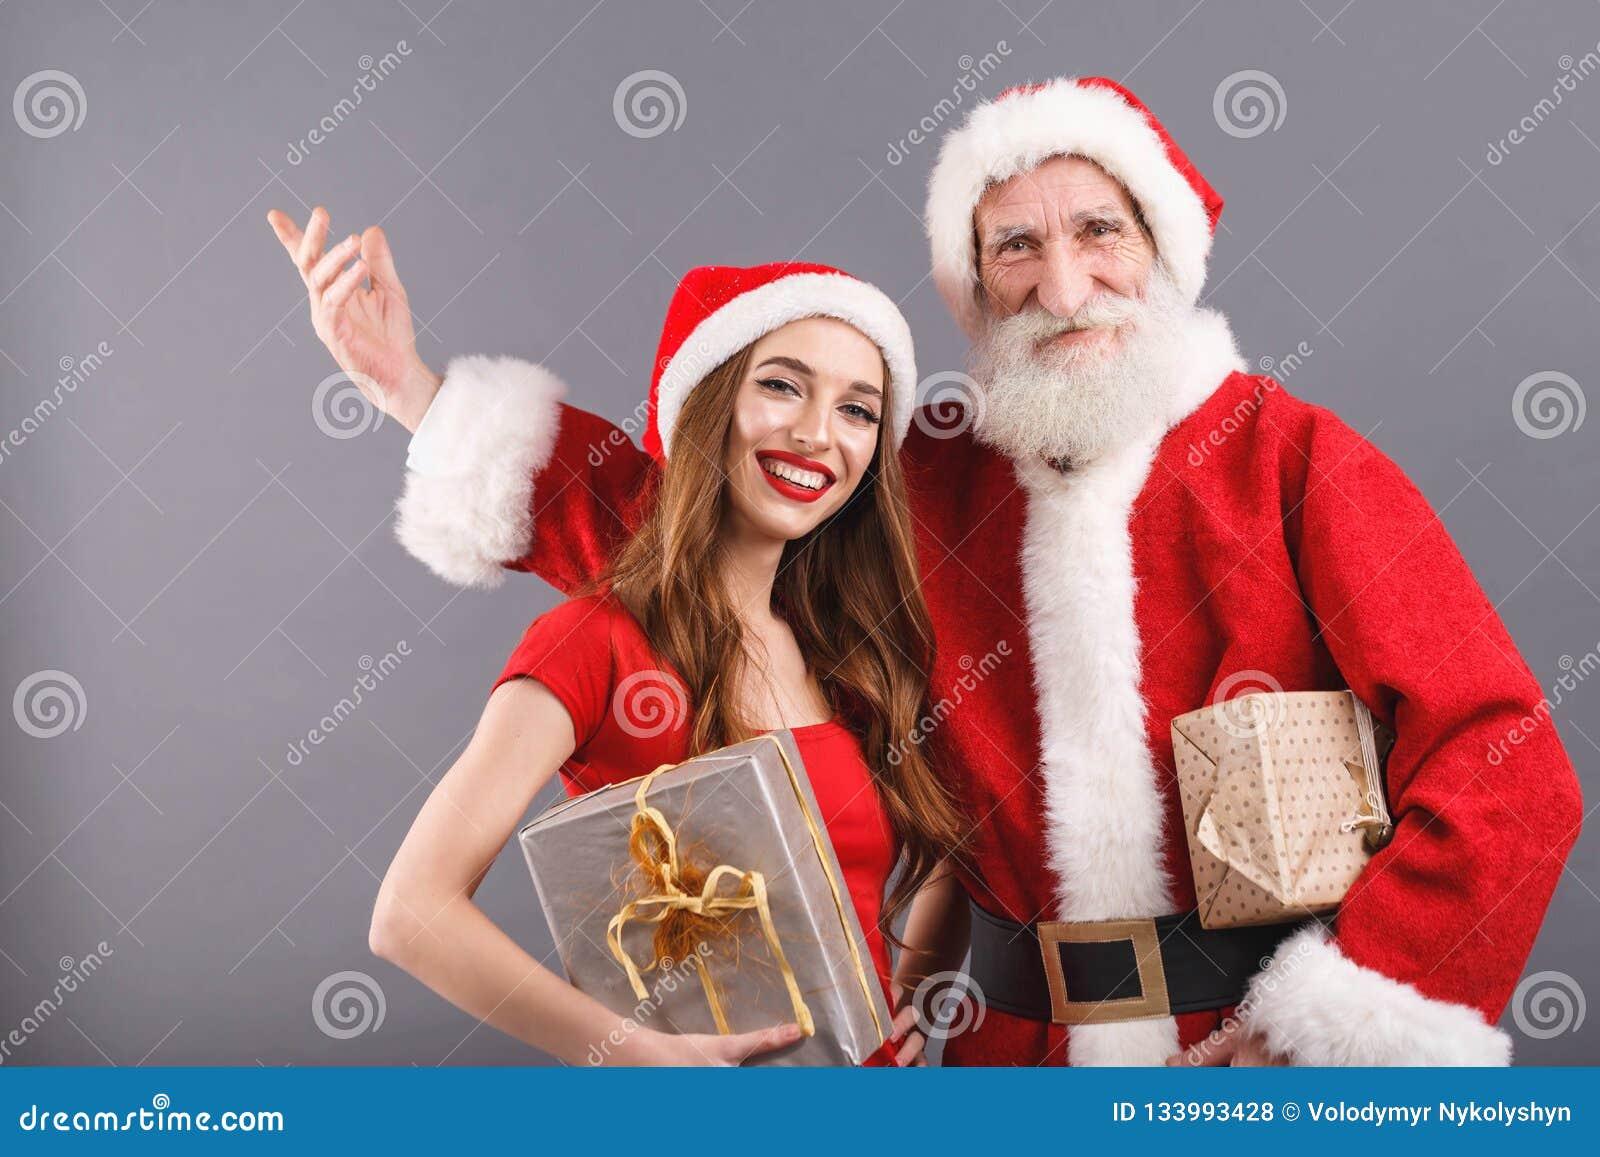 先生 捐赠它为在室外秀丽高兴那些人的乐趣、其它和茶点提供秀丽和沉寂绿洲; 并且达到一更加极大升值和了解非正式种植的值和重要 克劳斯祝贺与快活的Christmass和新年快乐